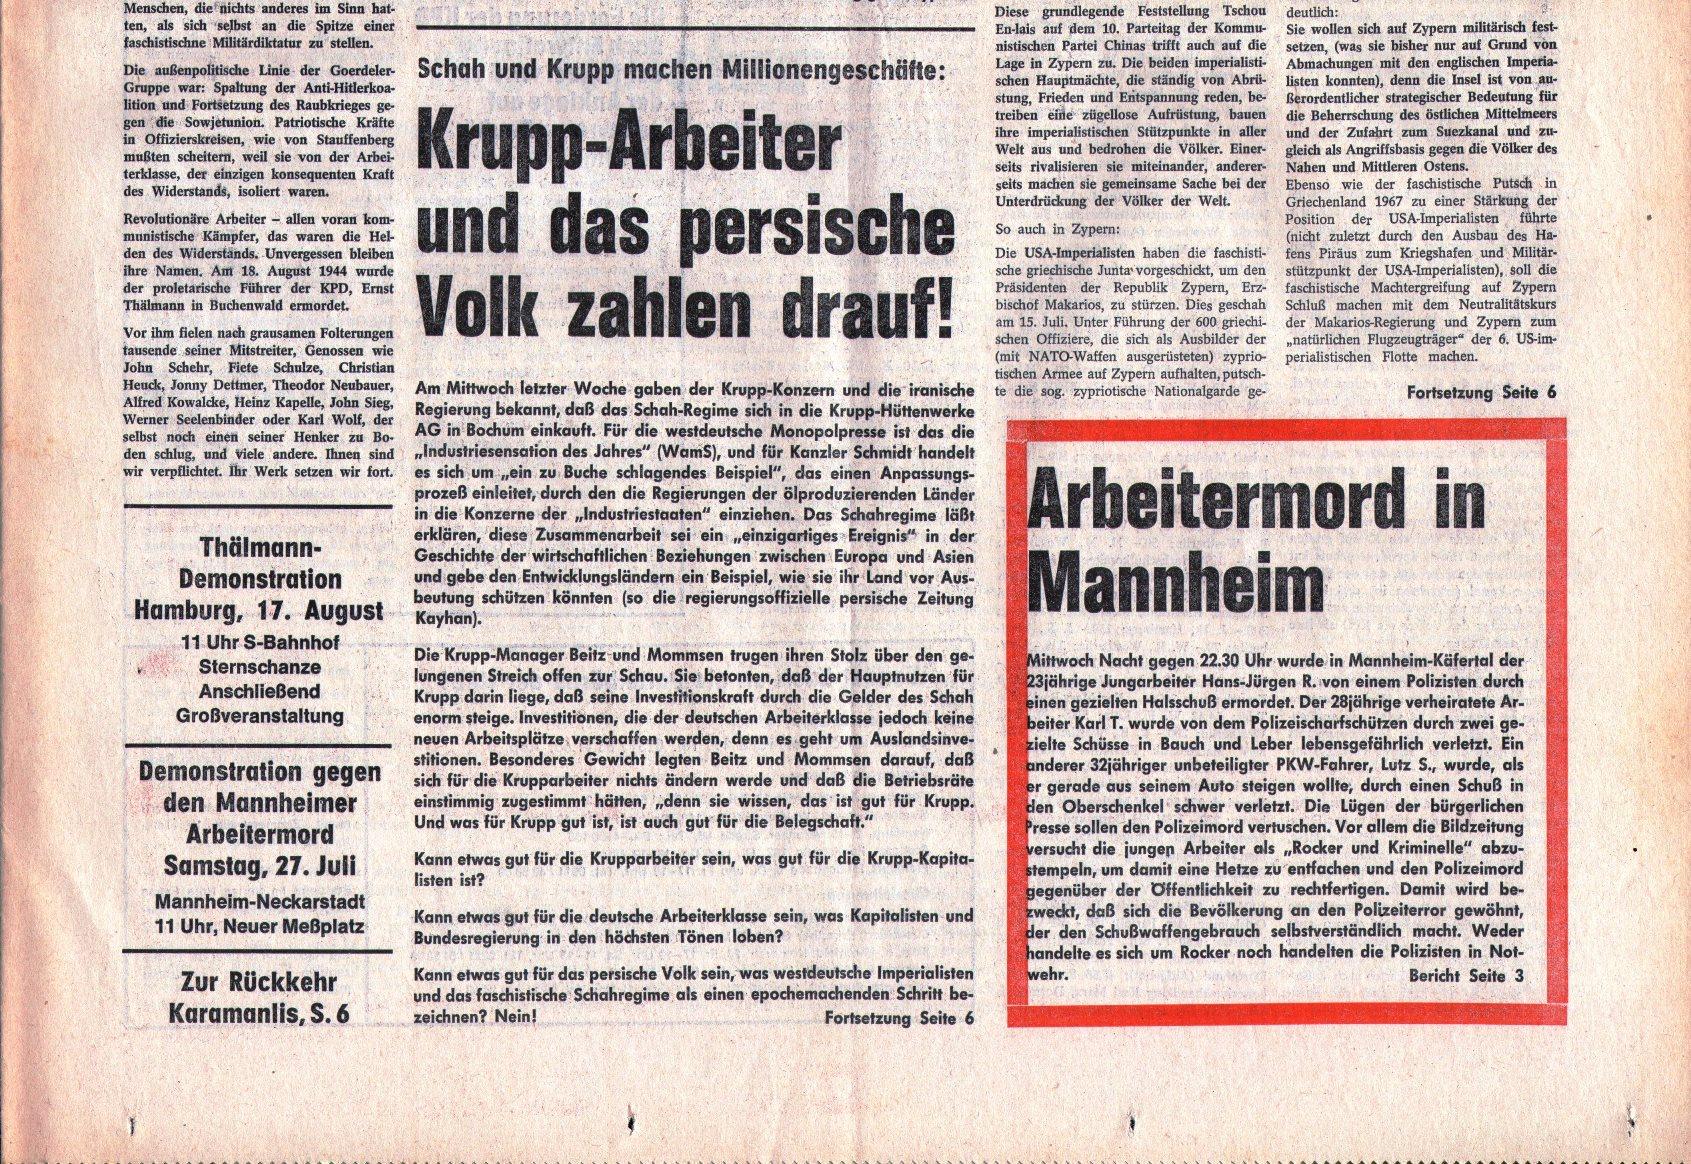 KPD_Rote_Fahne_1974_30_02